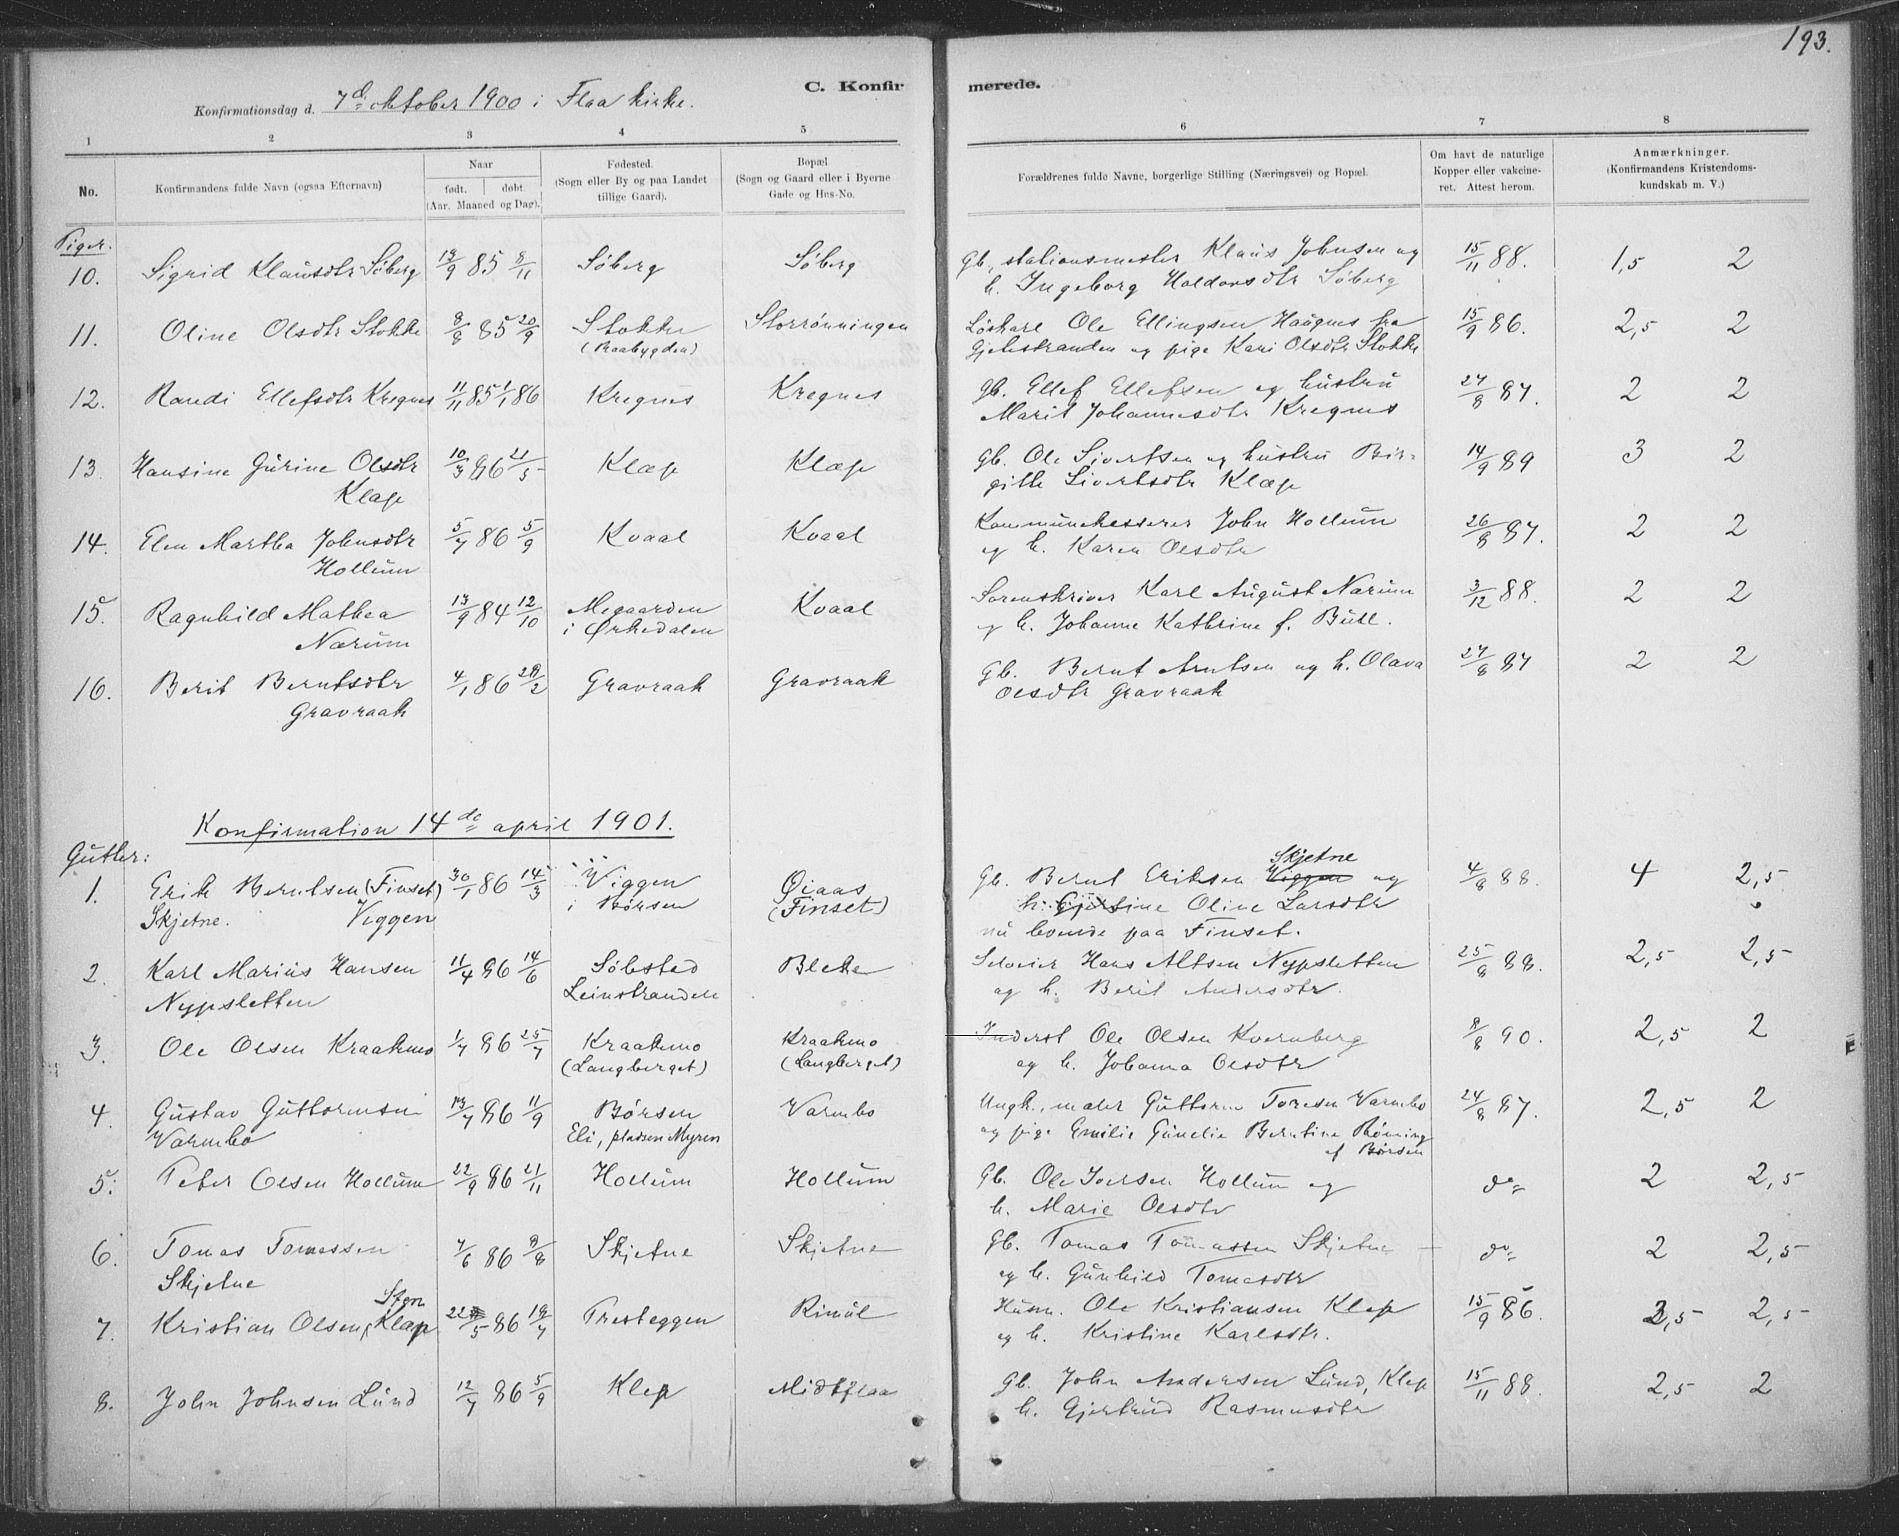 SAT, Ministerialprotokoller, klokkerbøker og fødselsregistre - Sør-Trøndelag, 691/L1085: Ministerialbok nr. 691A17, 1887-1908, s. 193